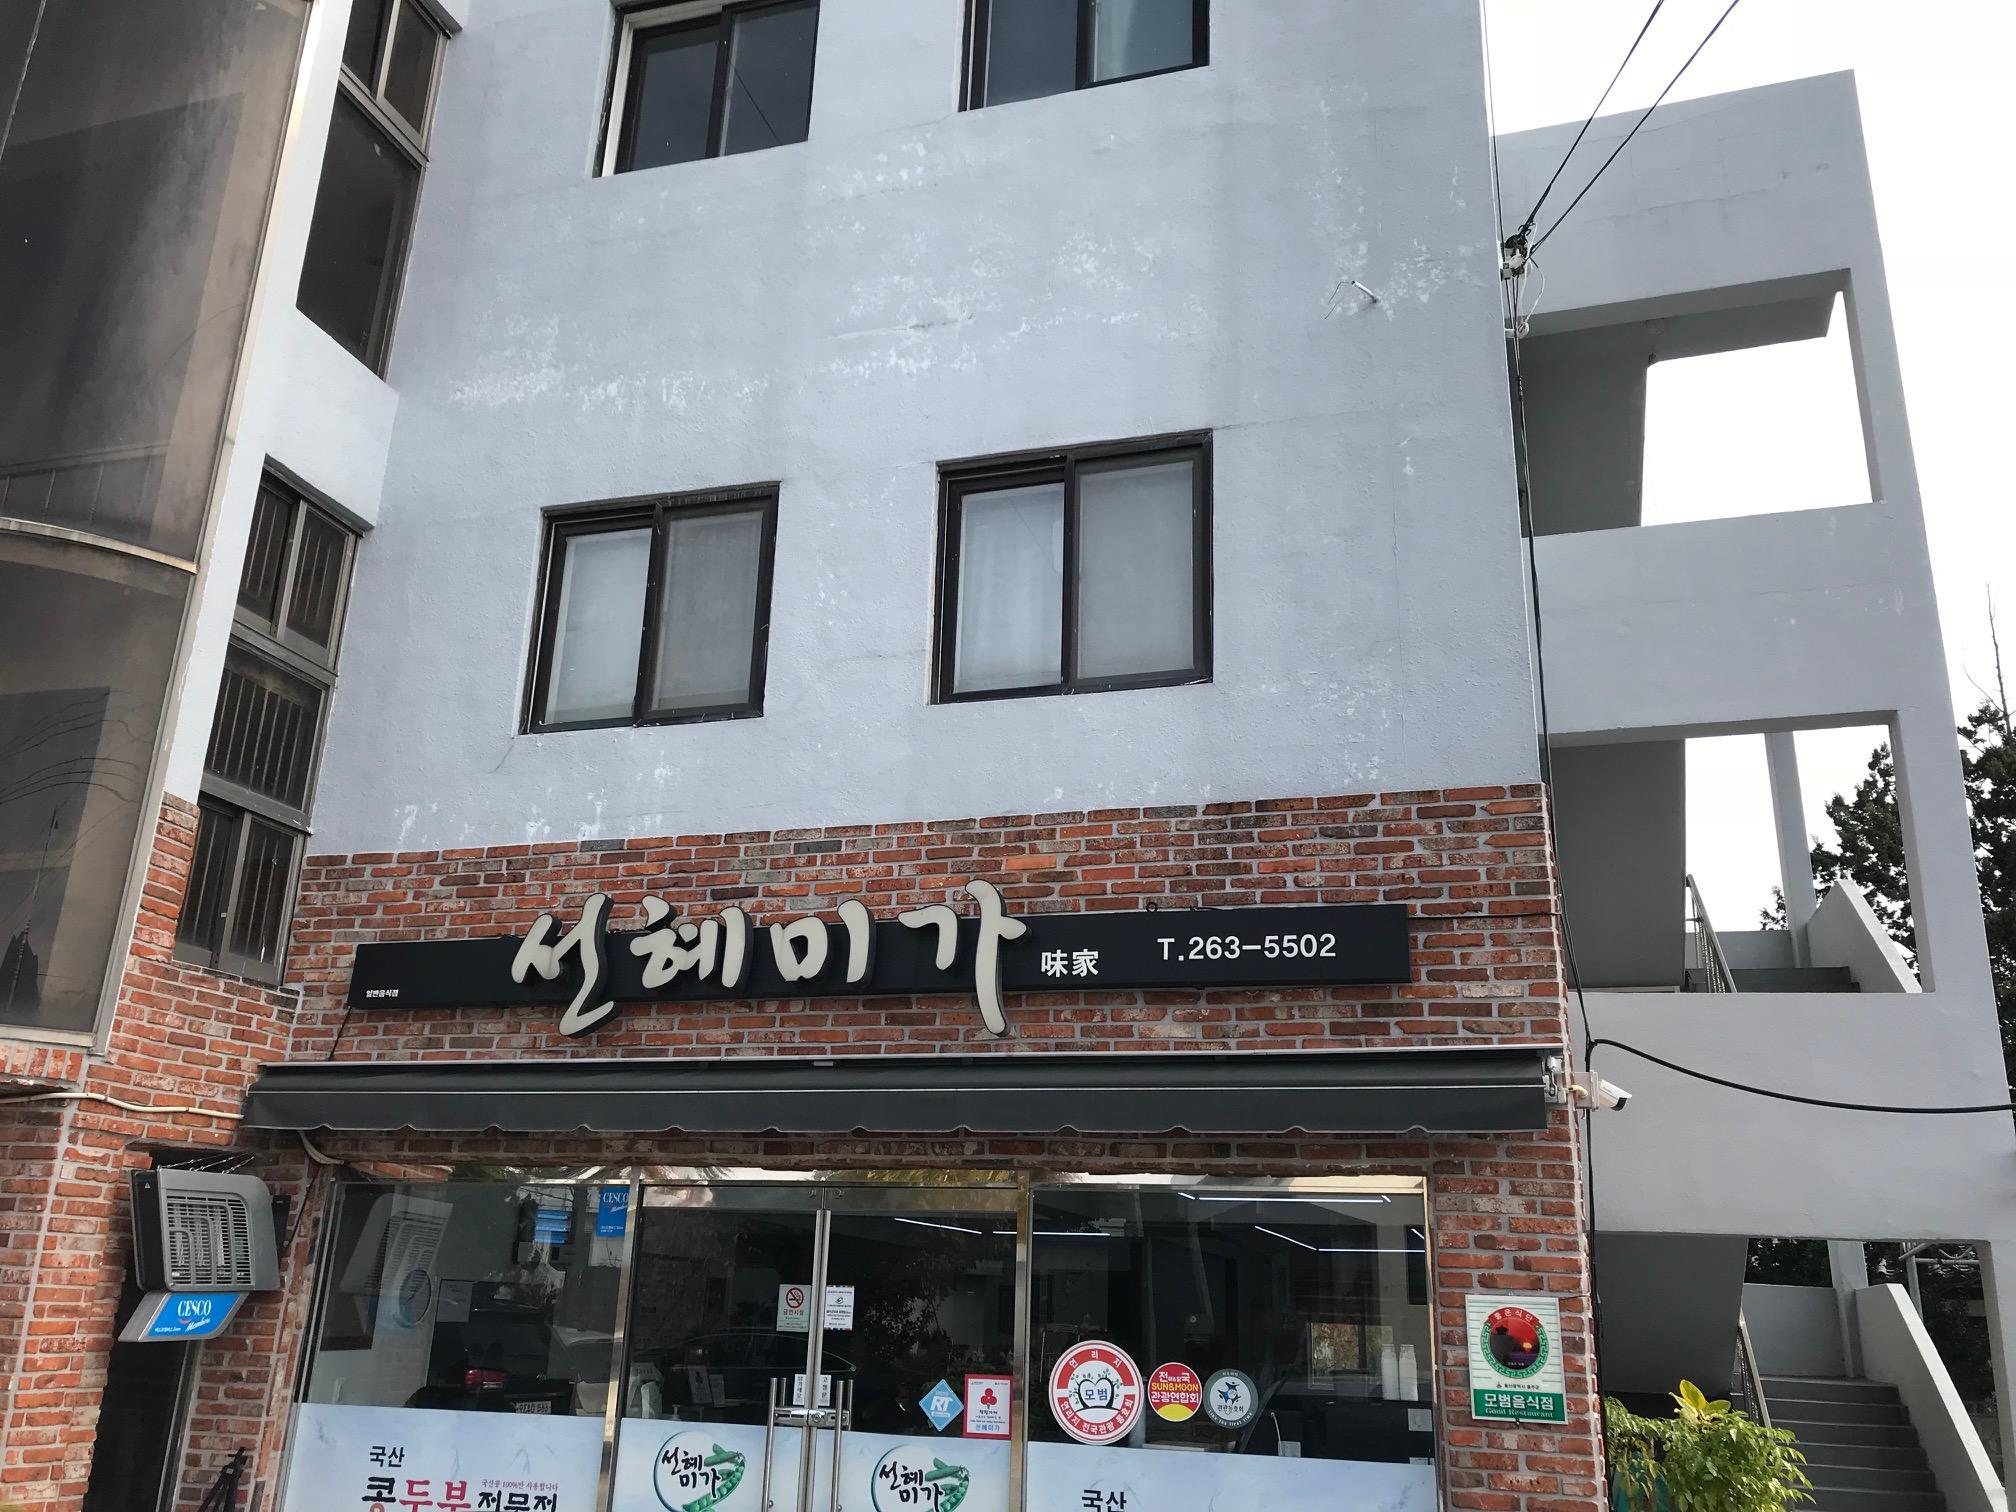 (식당) 2018.11.11 언양 선혜미가 + 작괘천카페